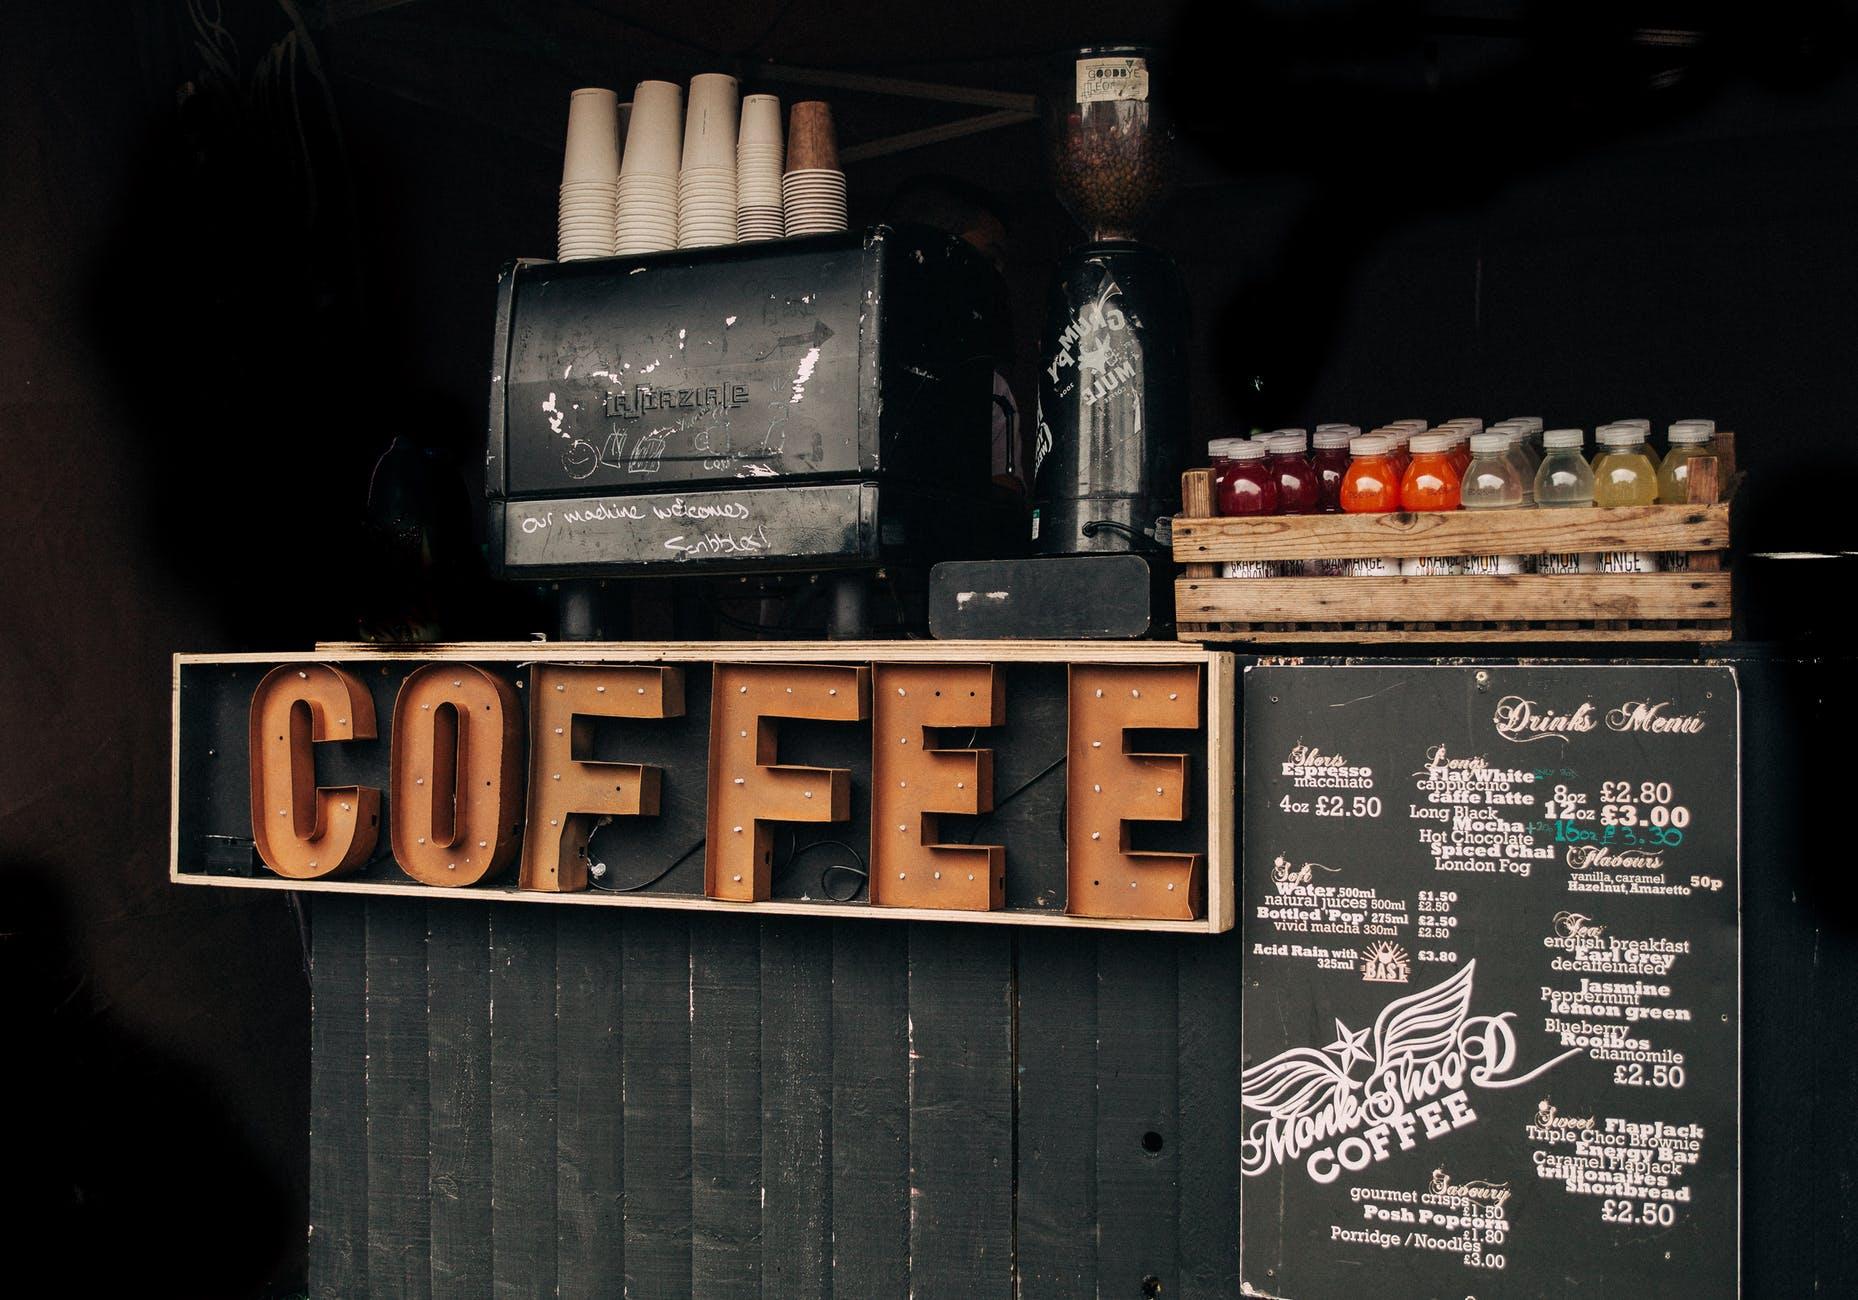 Cần chuẩn bị gì trước khi mở một quán cafe - xây dựng menu quán